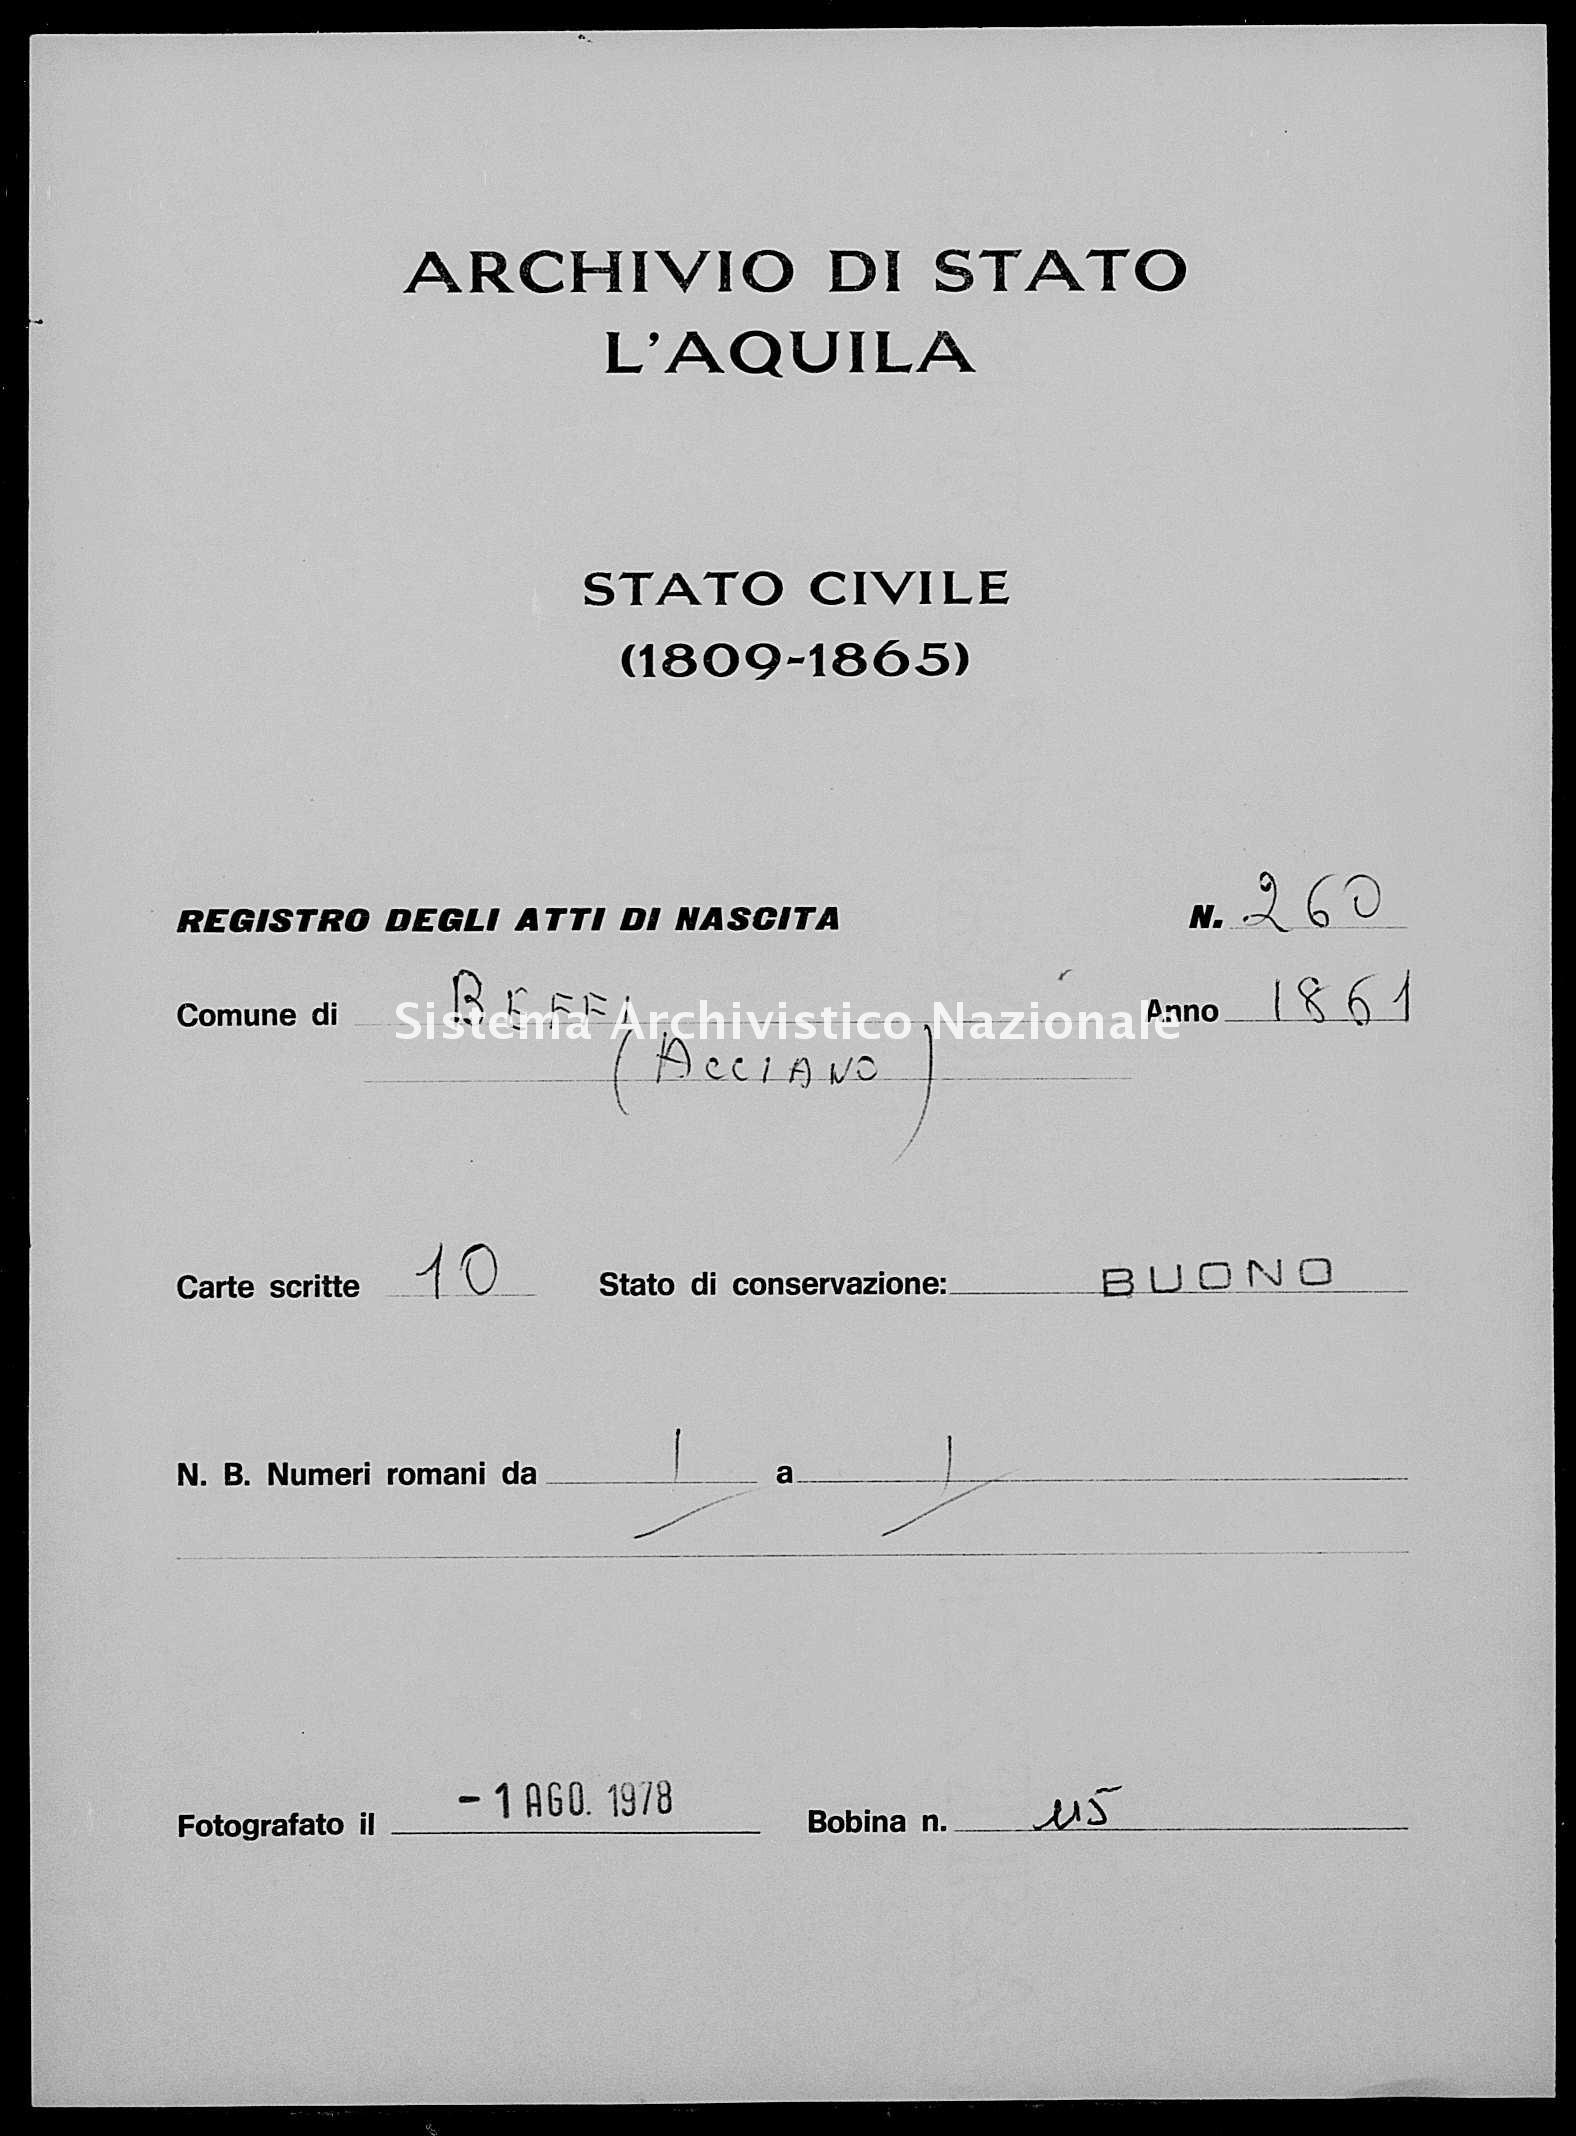 Archivio di stato di L'aquila - Stato civile italiano - Beffi - Nati - 1861 - 260 -